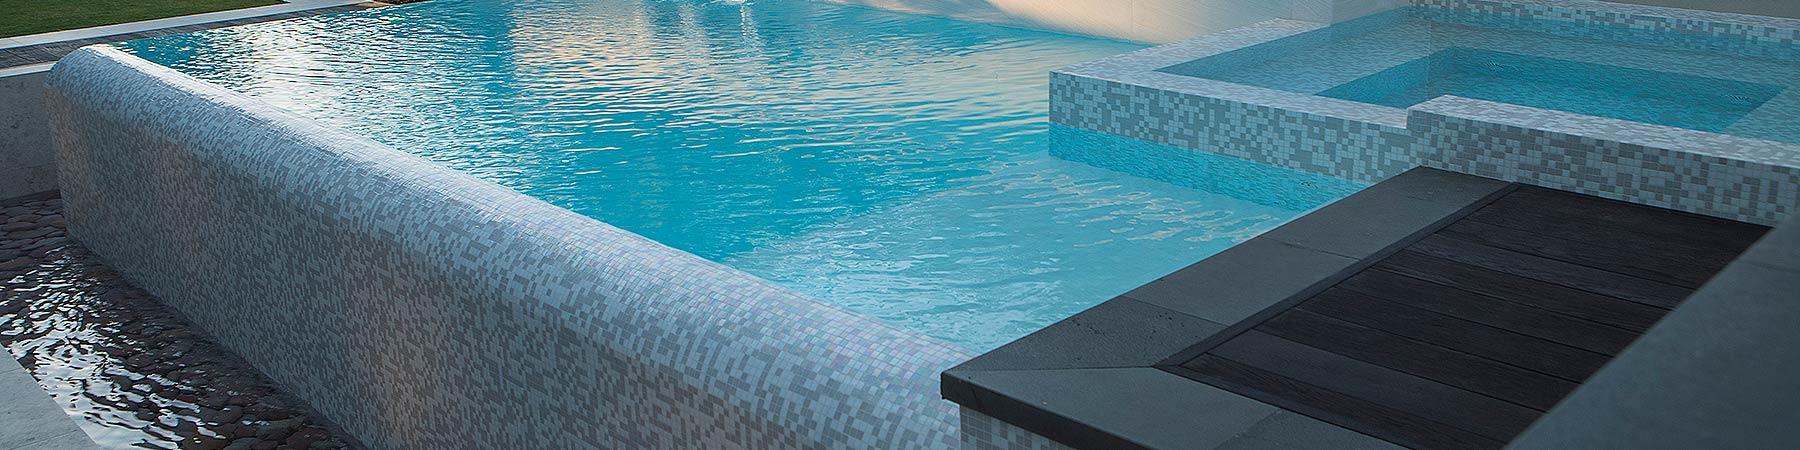 Madora-Bay-Infinity-Edge-Pool-and-Spa